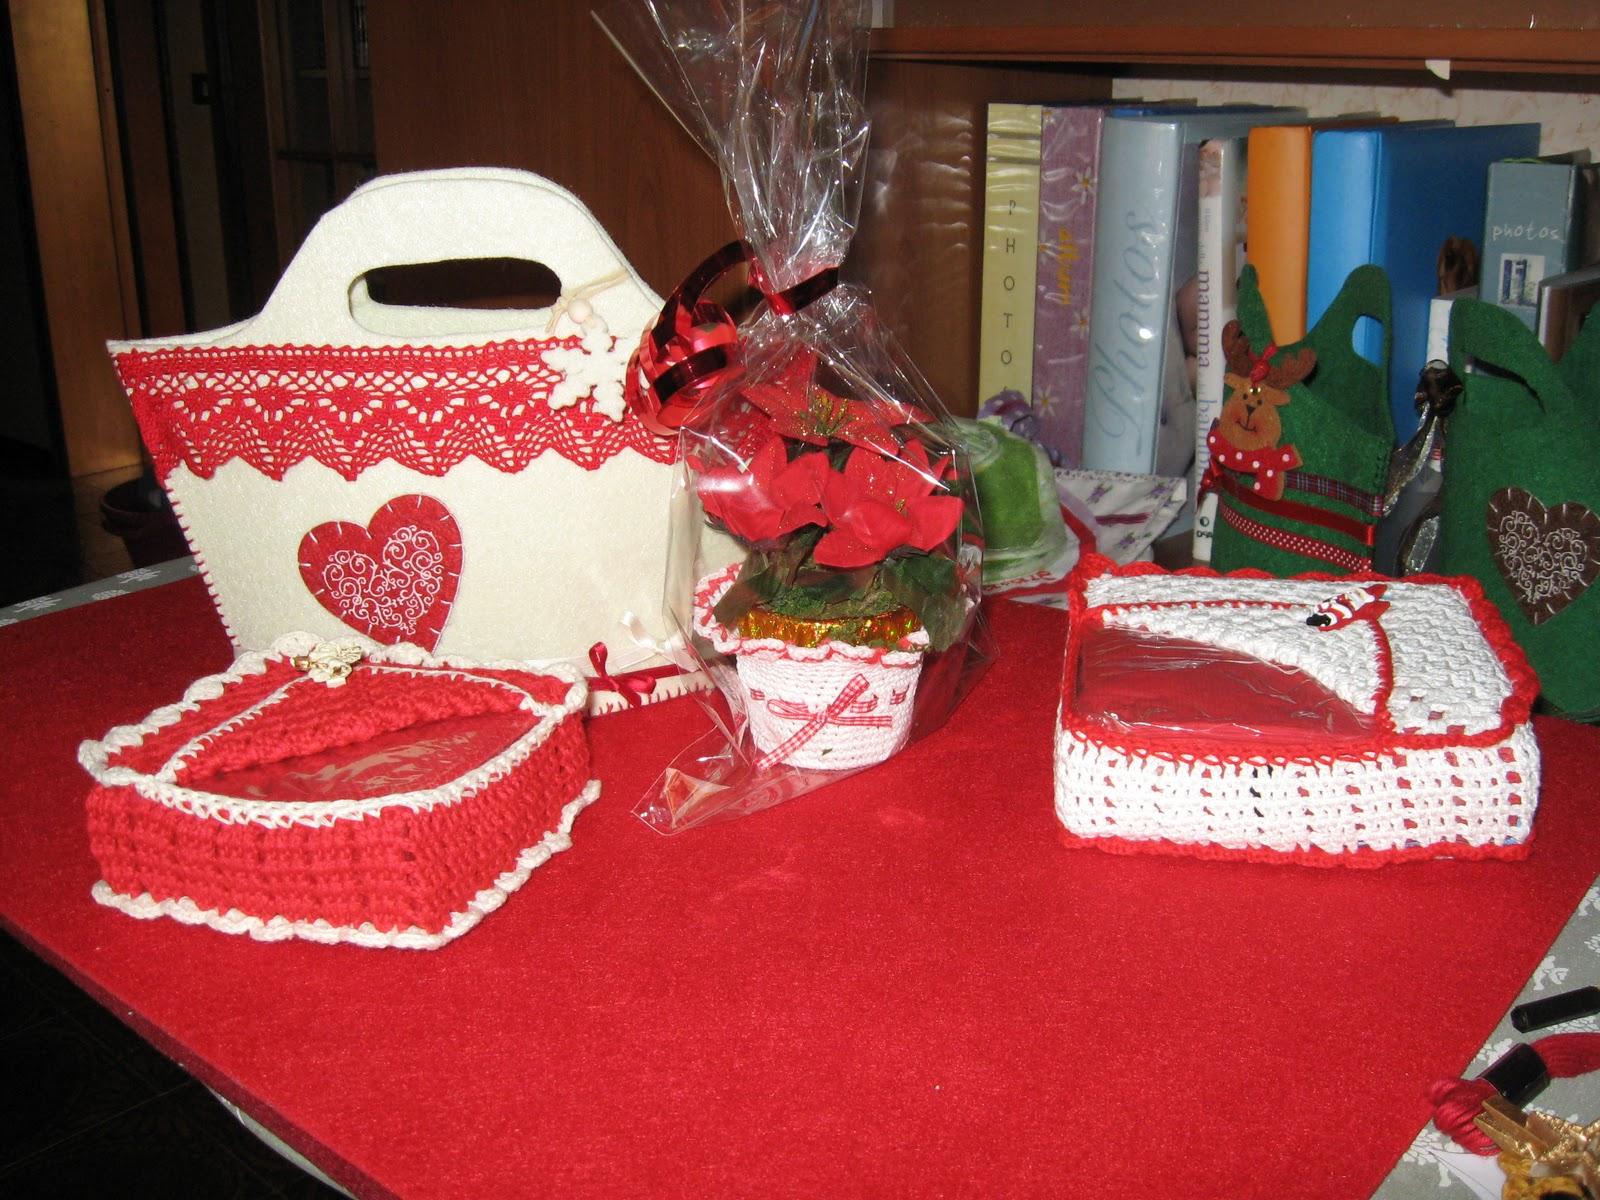 Regali Di Natale Per Cognata.1 Mamma X 2 Idee Regalo Per Natale